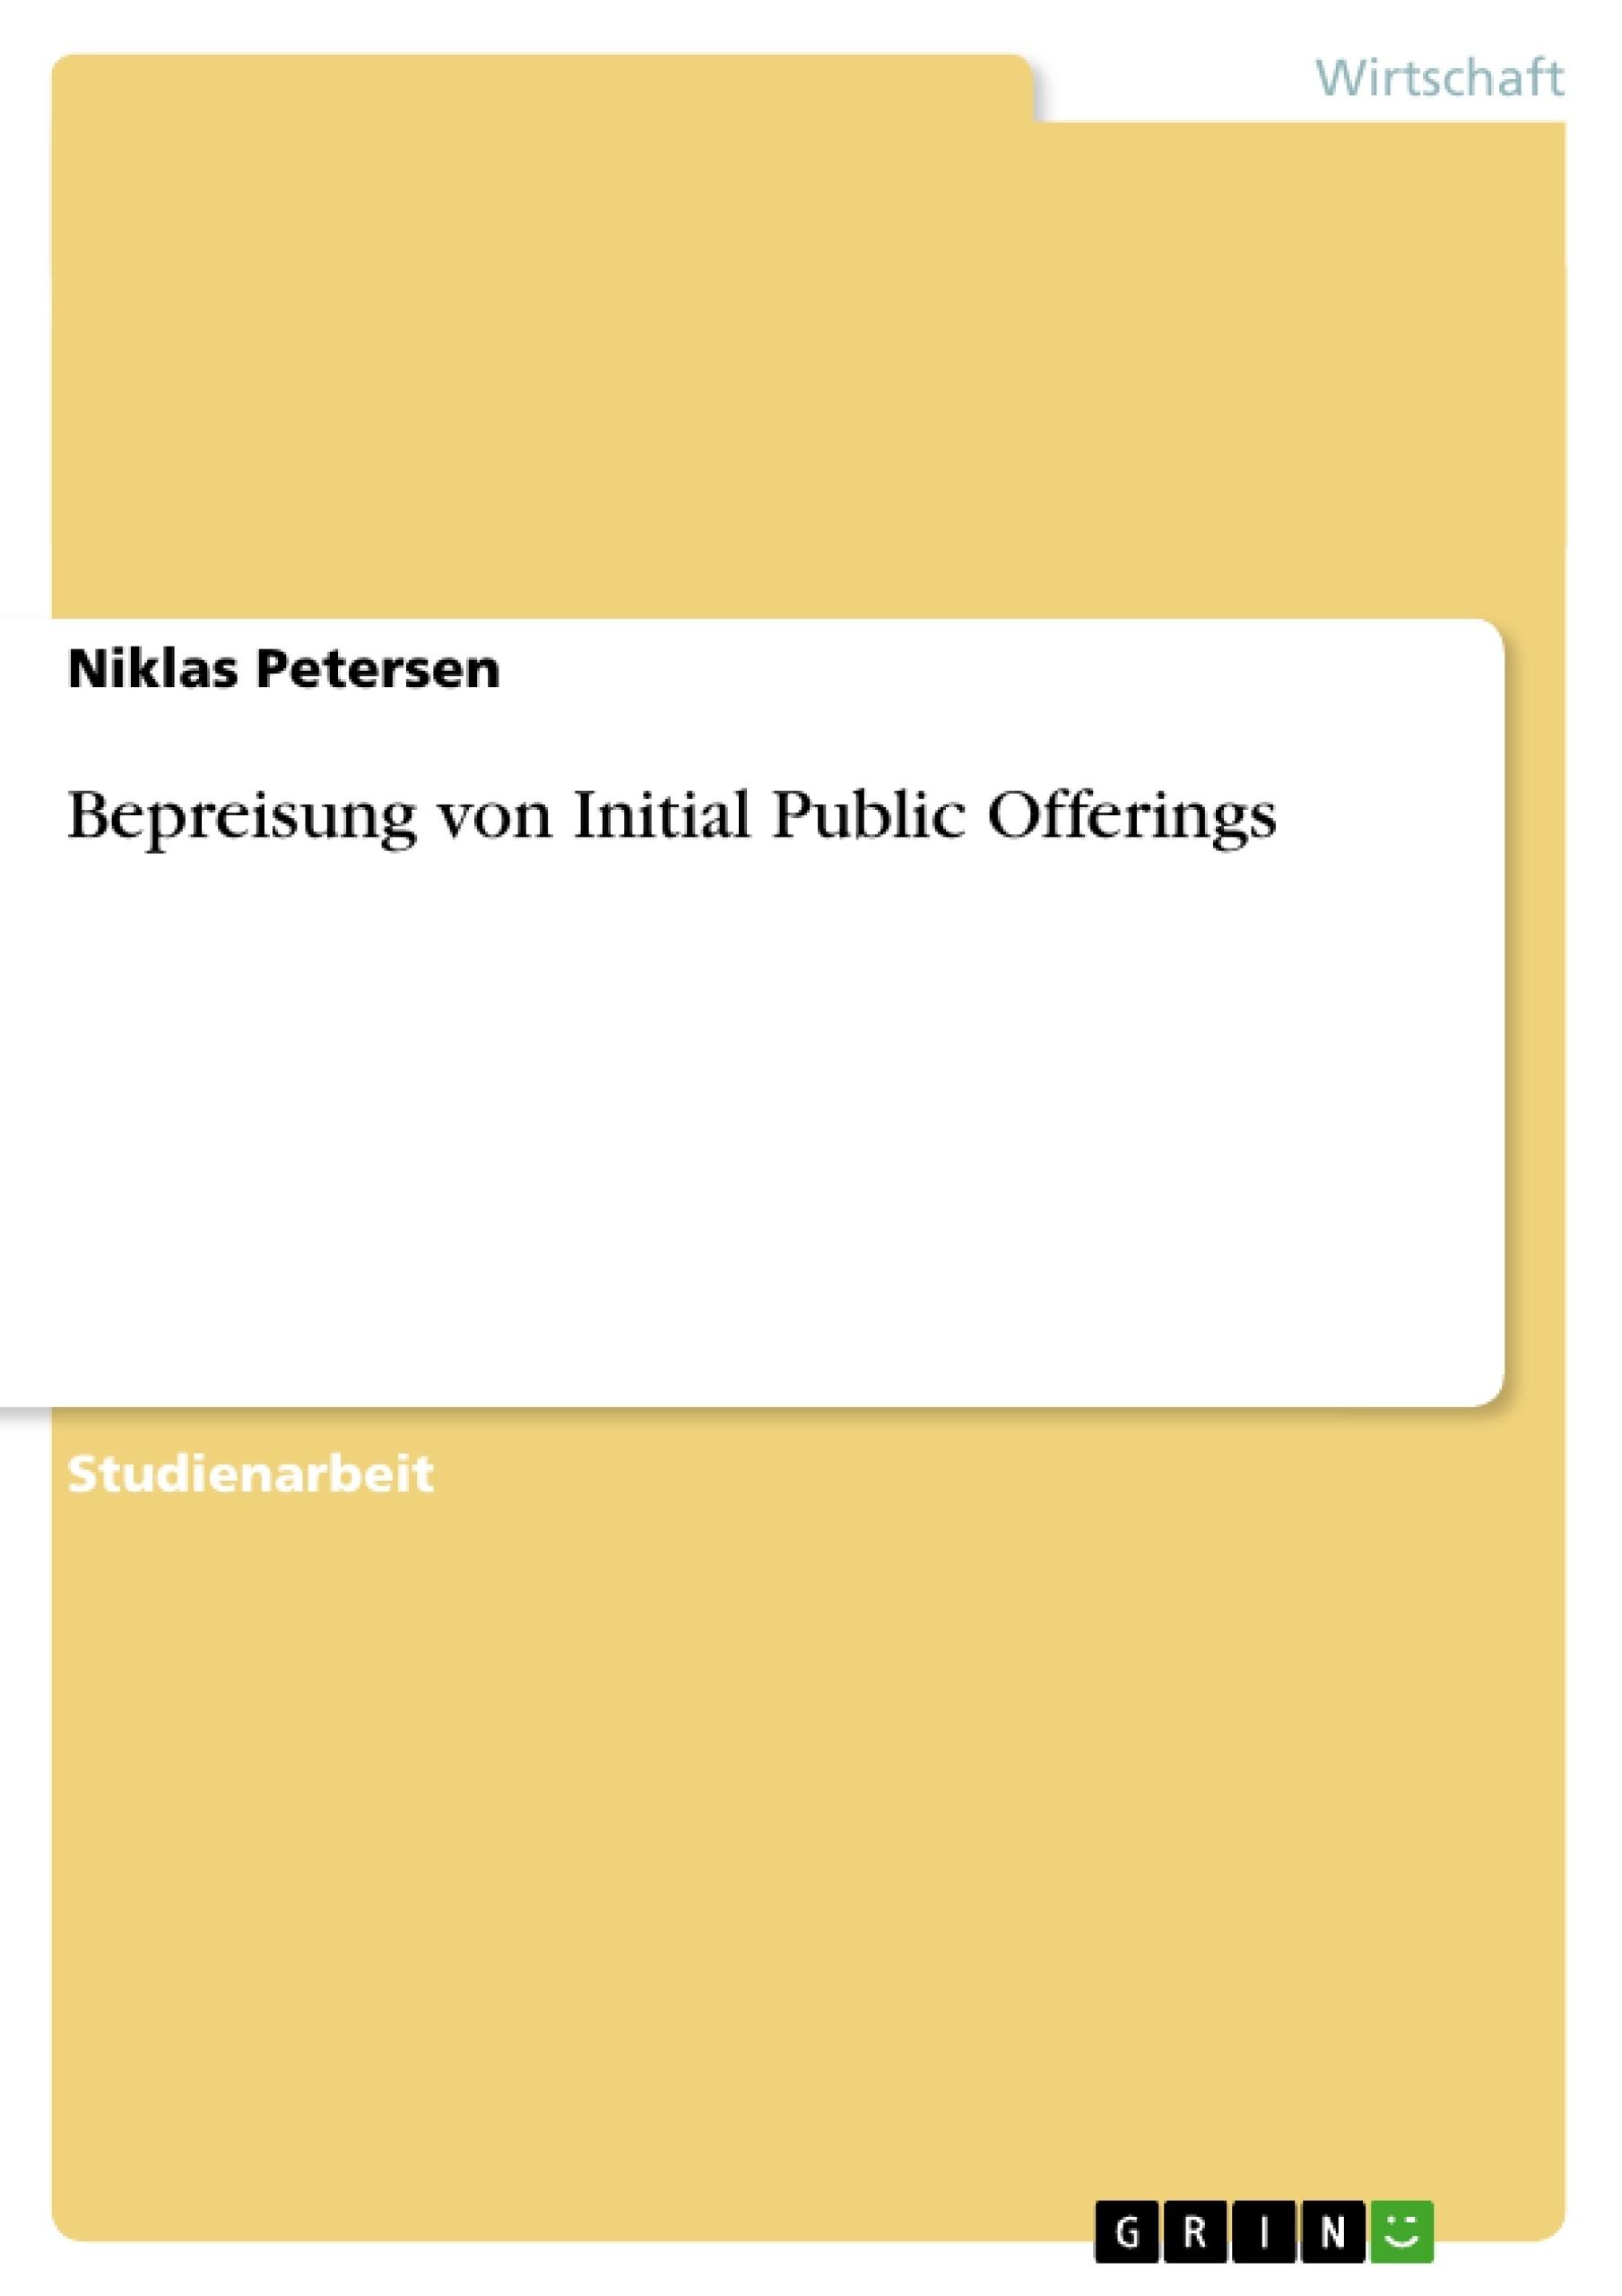 Titel: Bepreisung von Initial Public Offerings